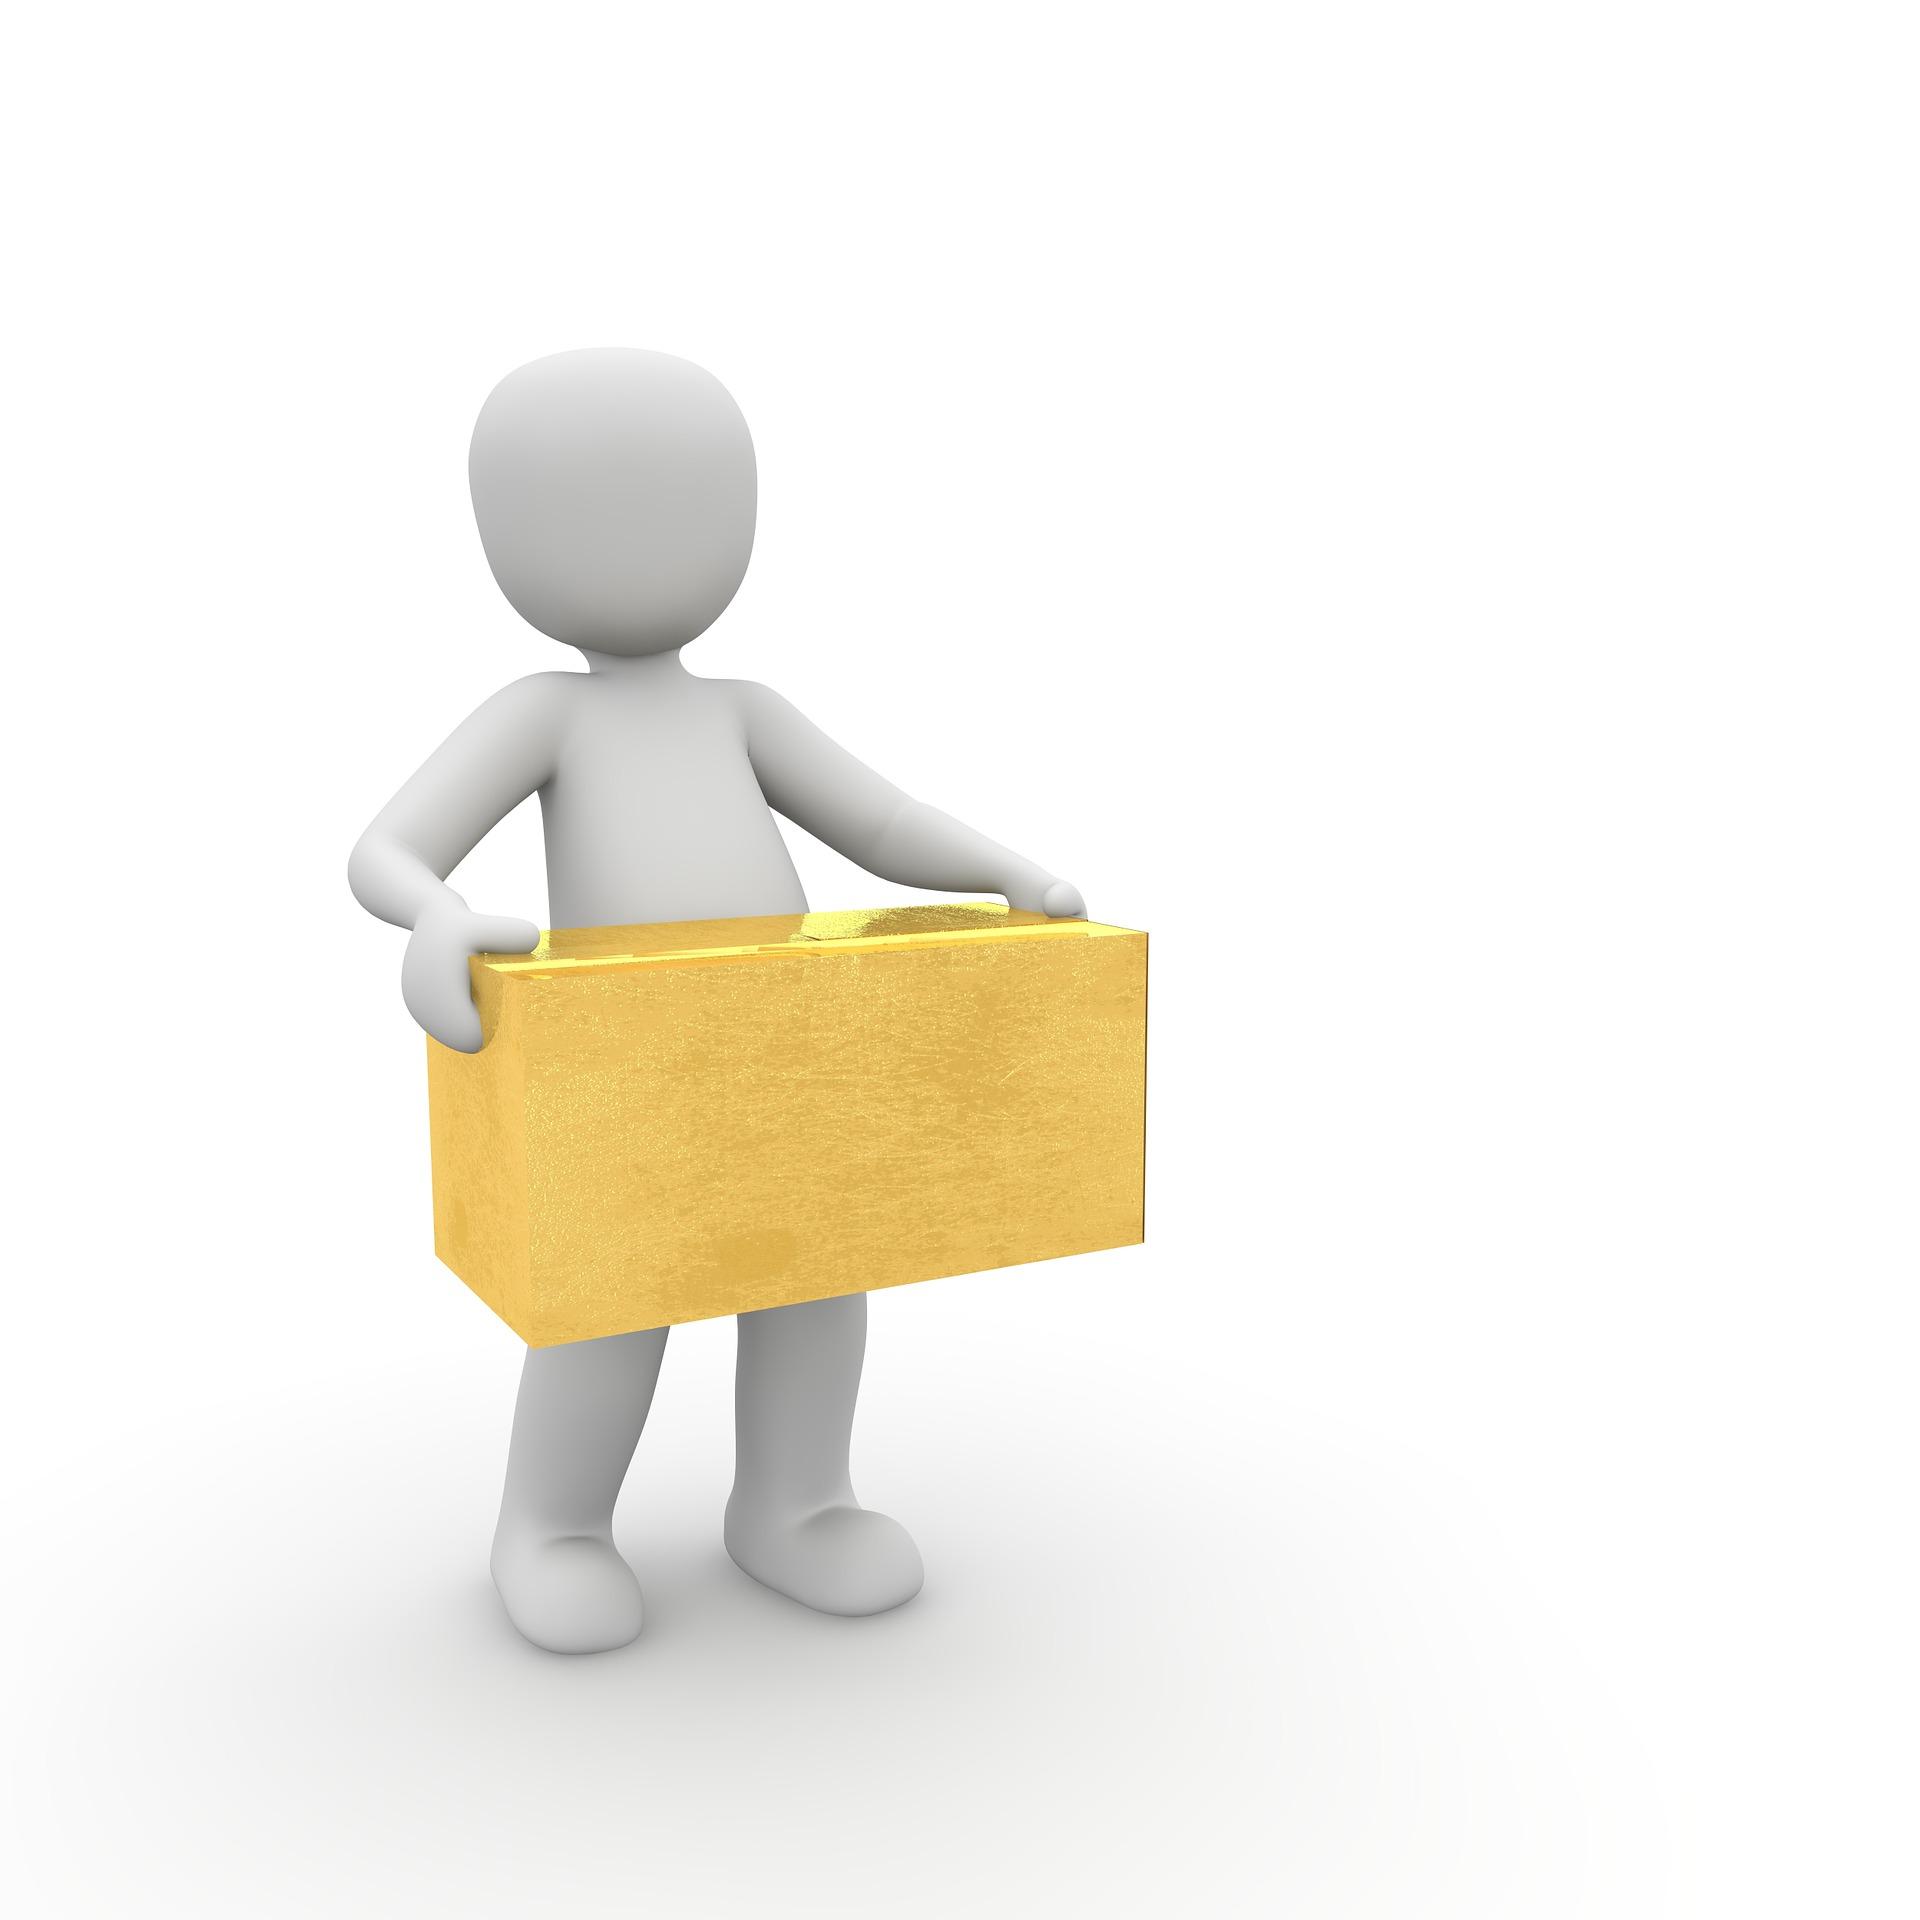 envio de paquetes